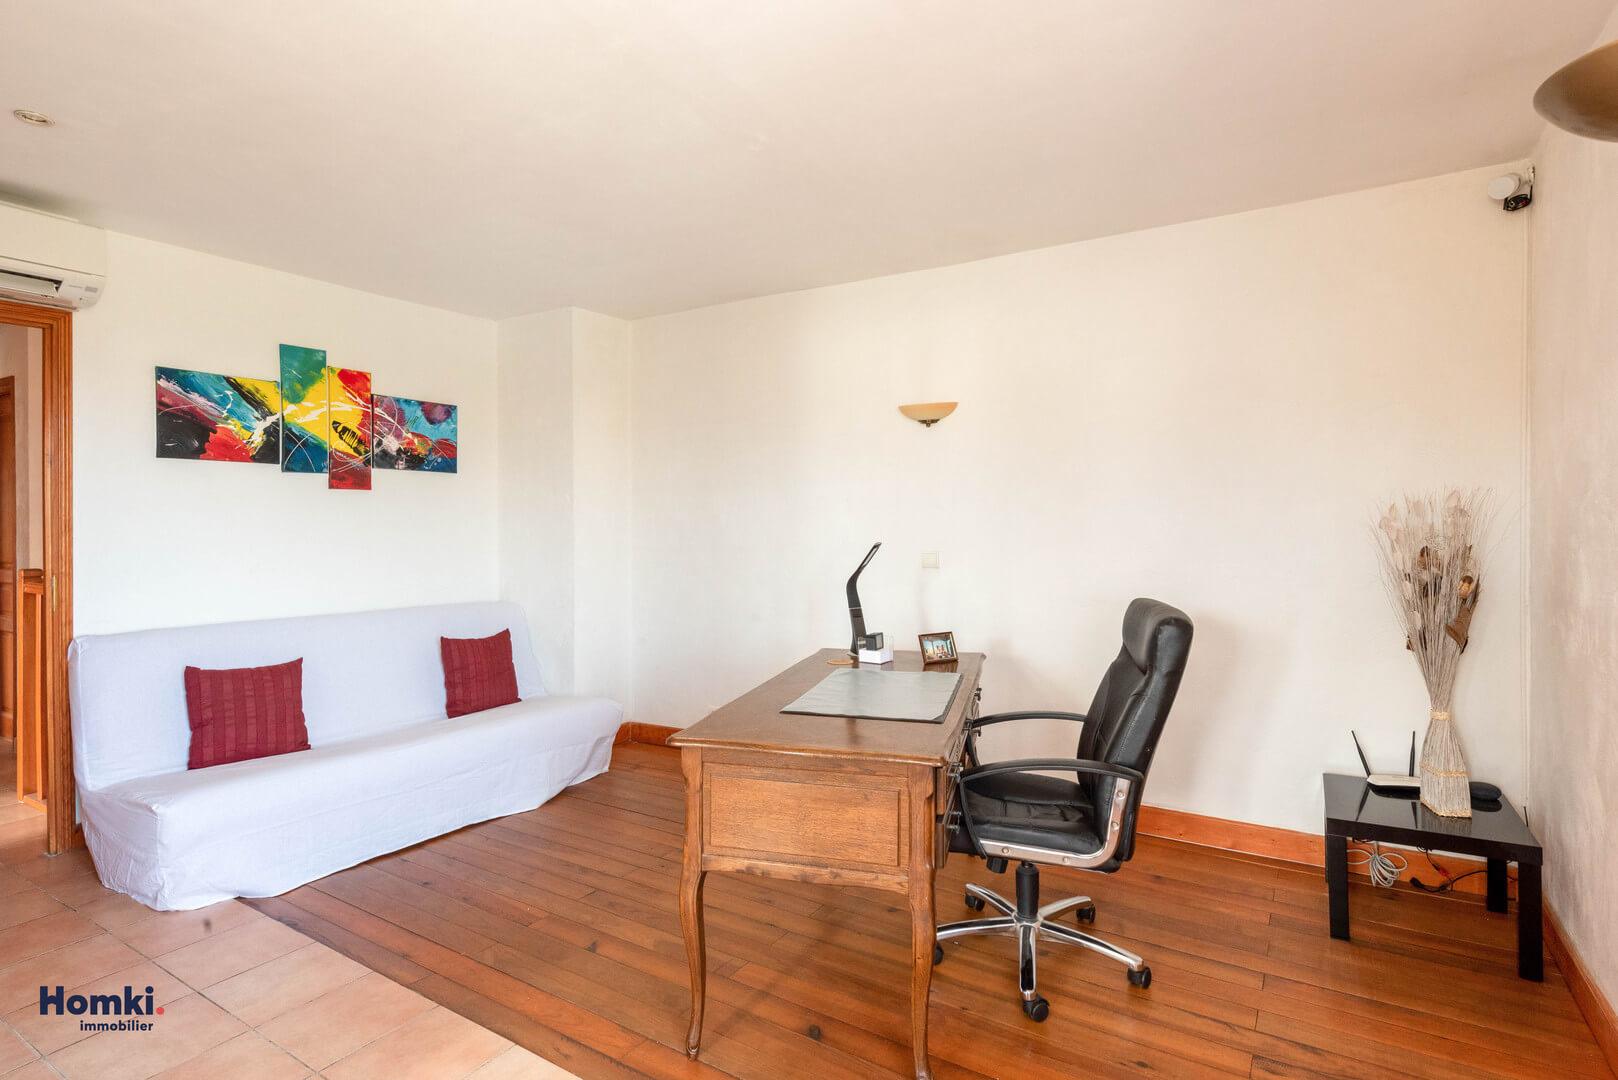 Vente Maison 169 m² T7 06410 Biot_10